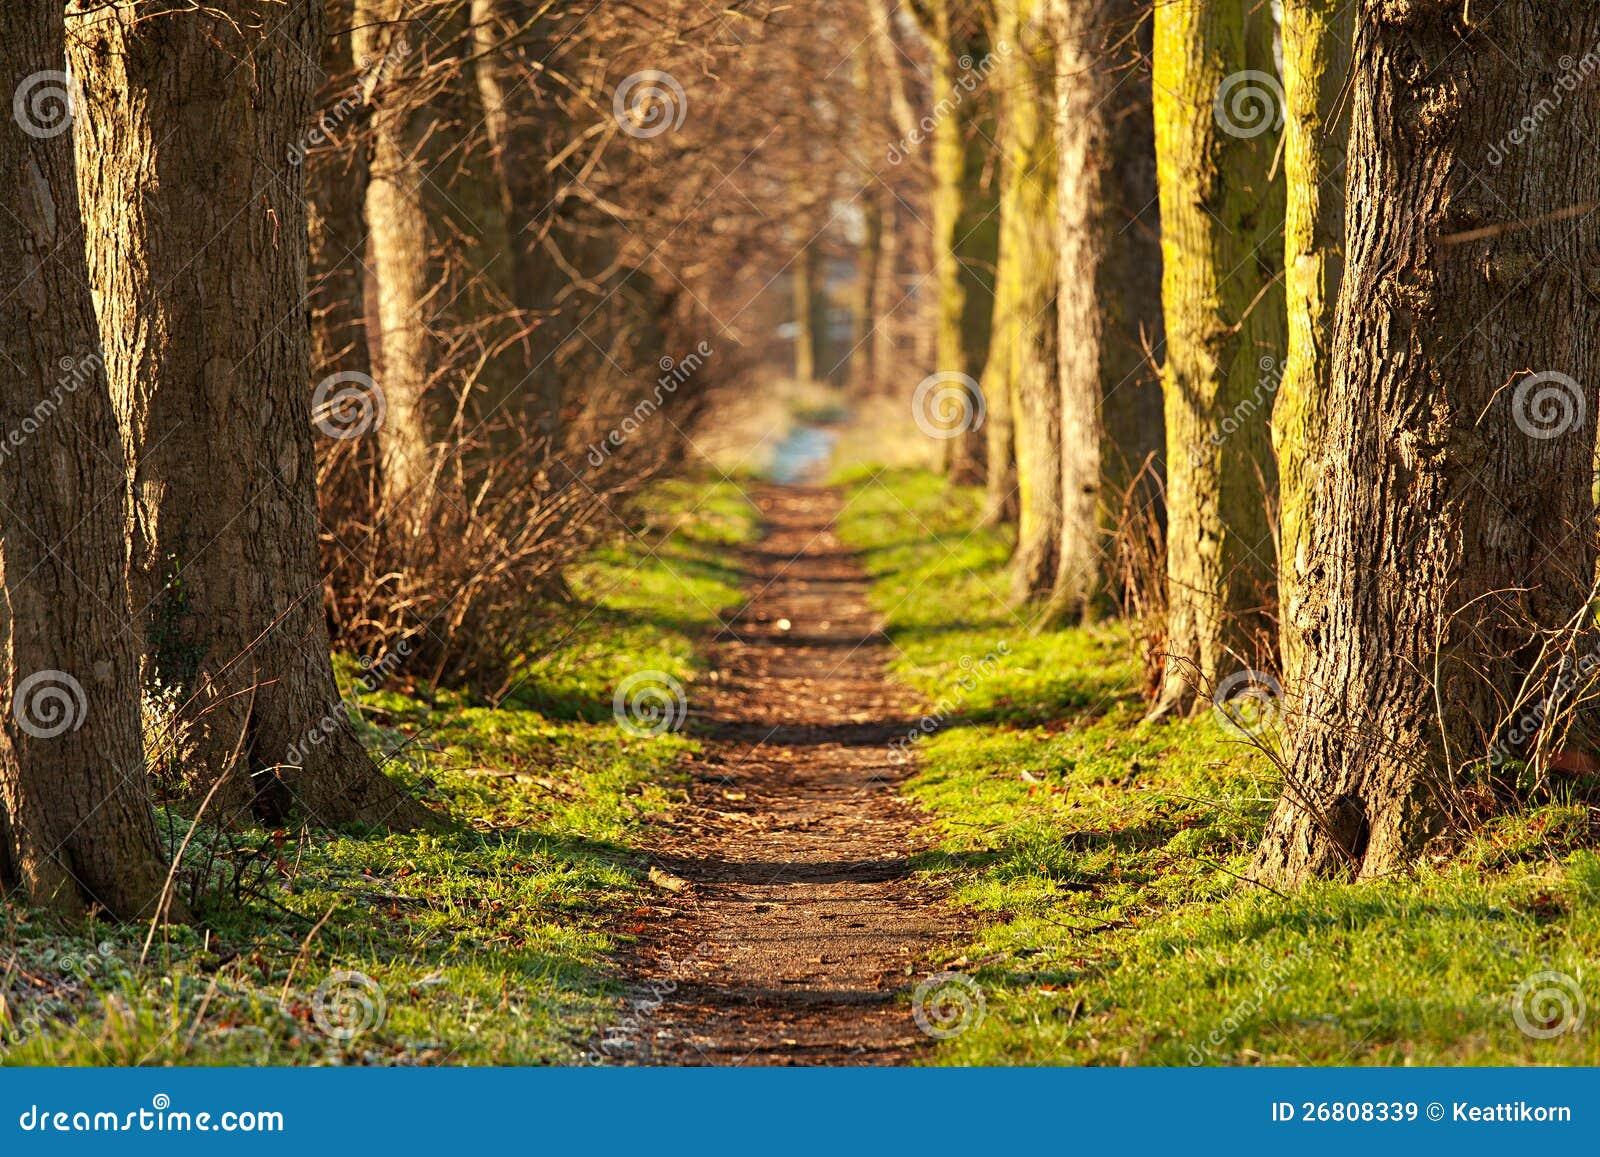 Naturen går tunnelen